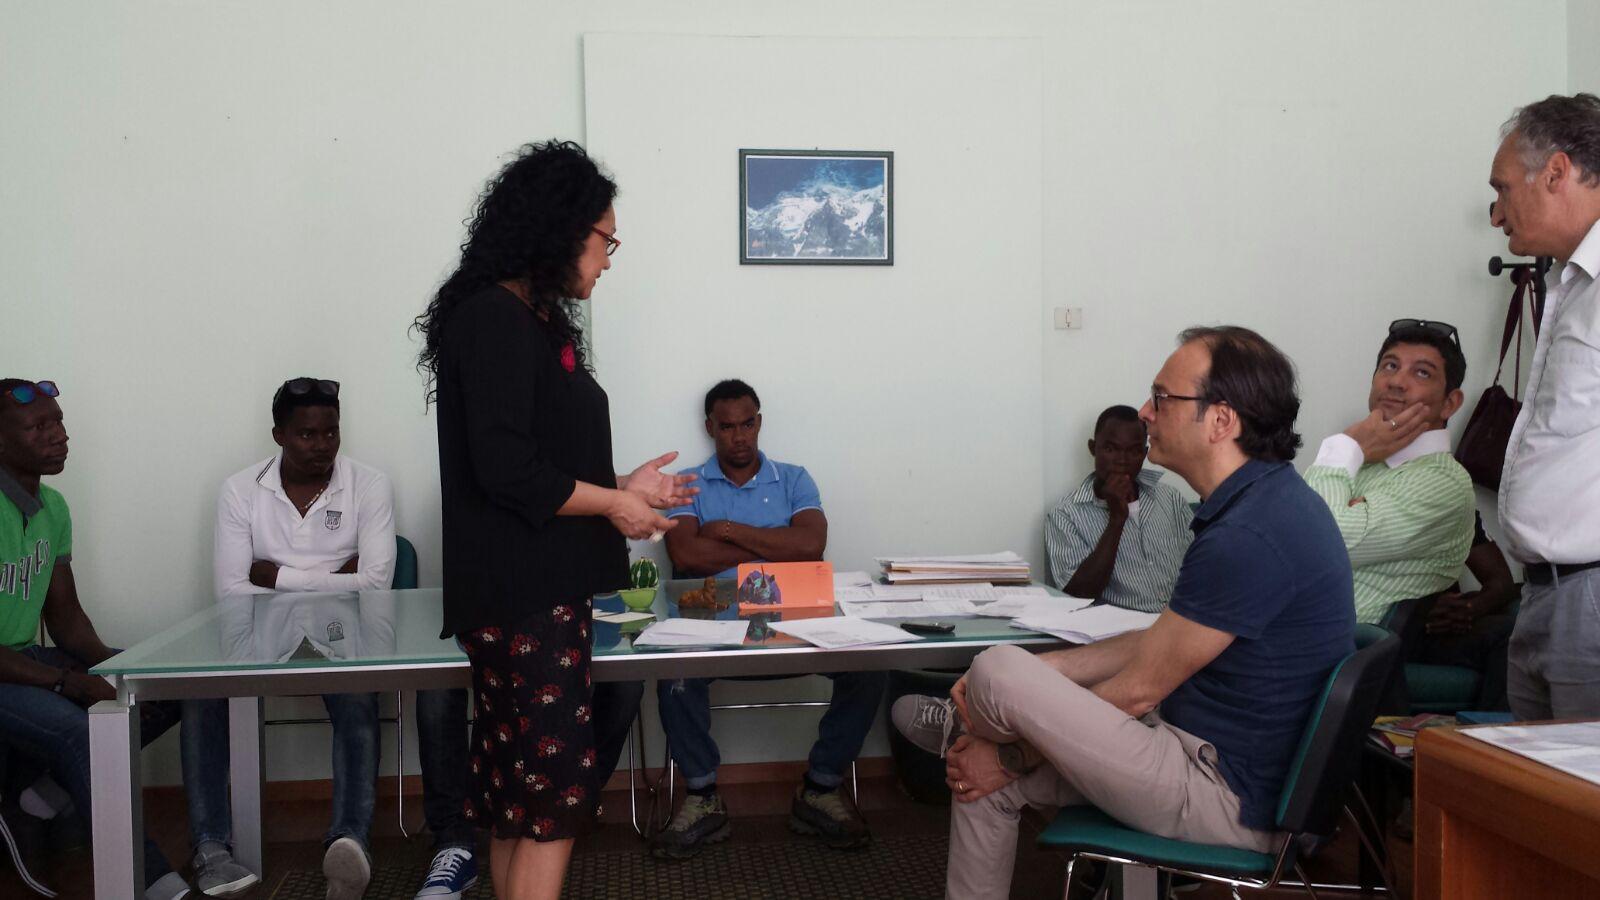 Migranti impegnati in lavori socialmente utili a Pescara